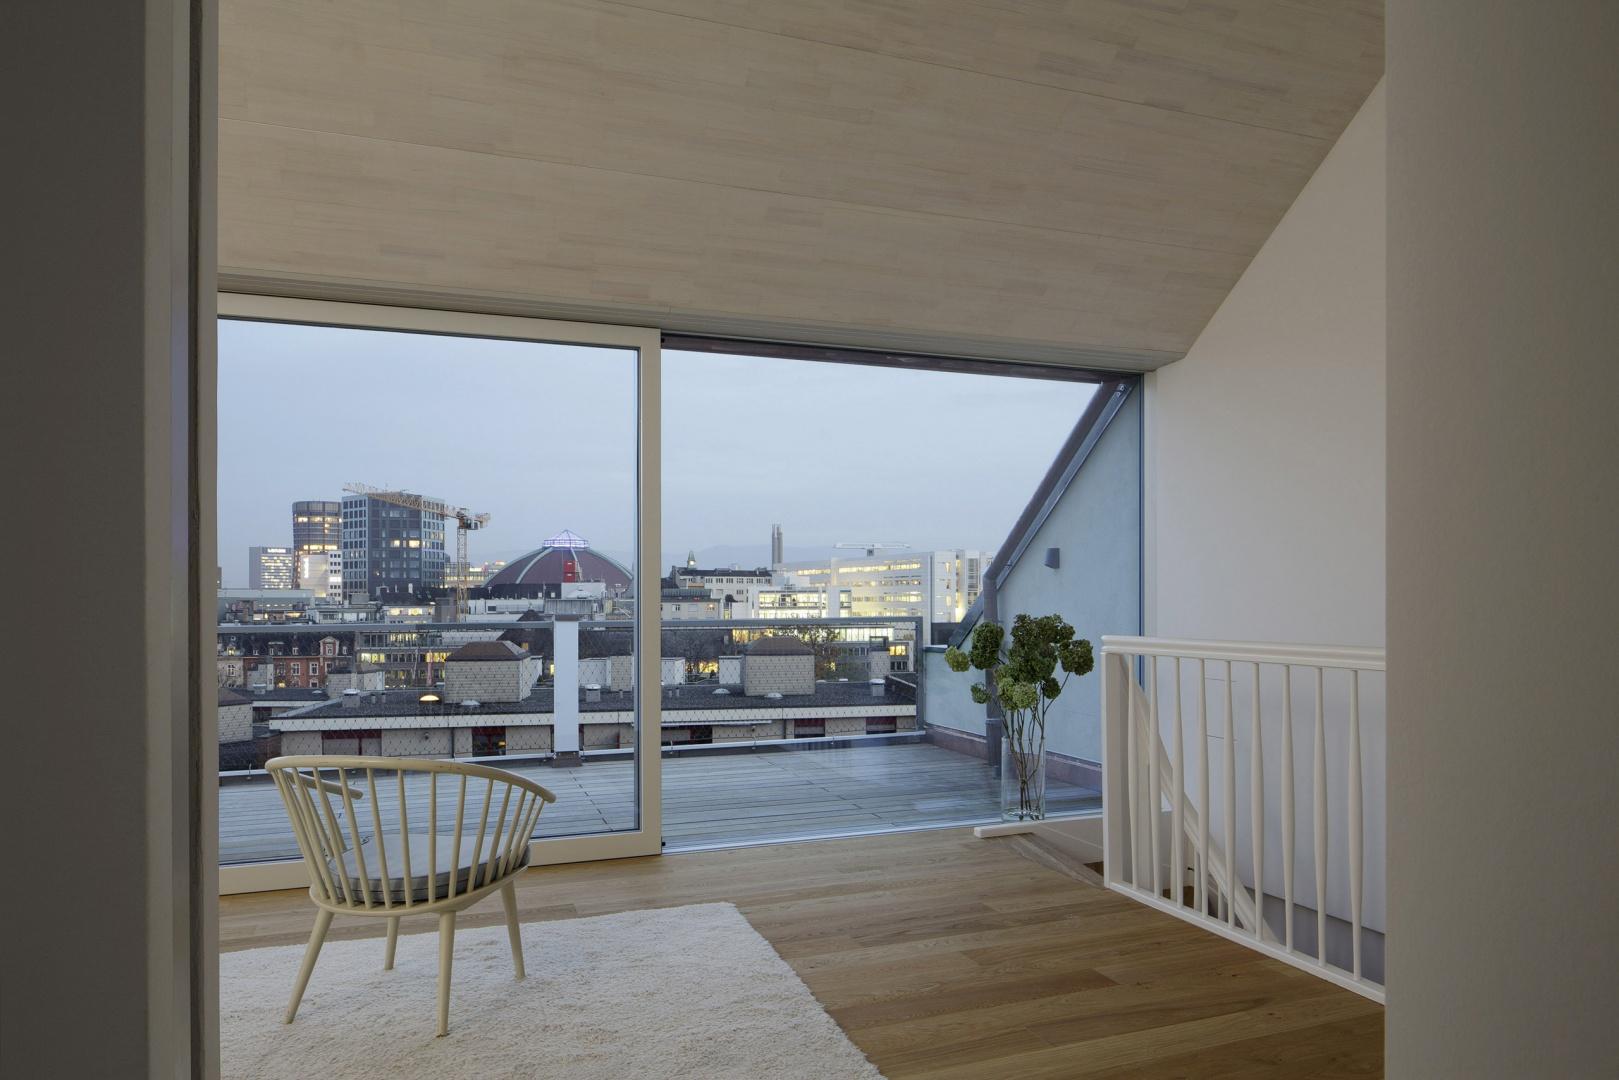 Dachgeschoss © Tom Bisig, Basel